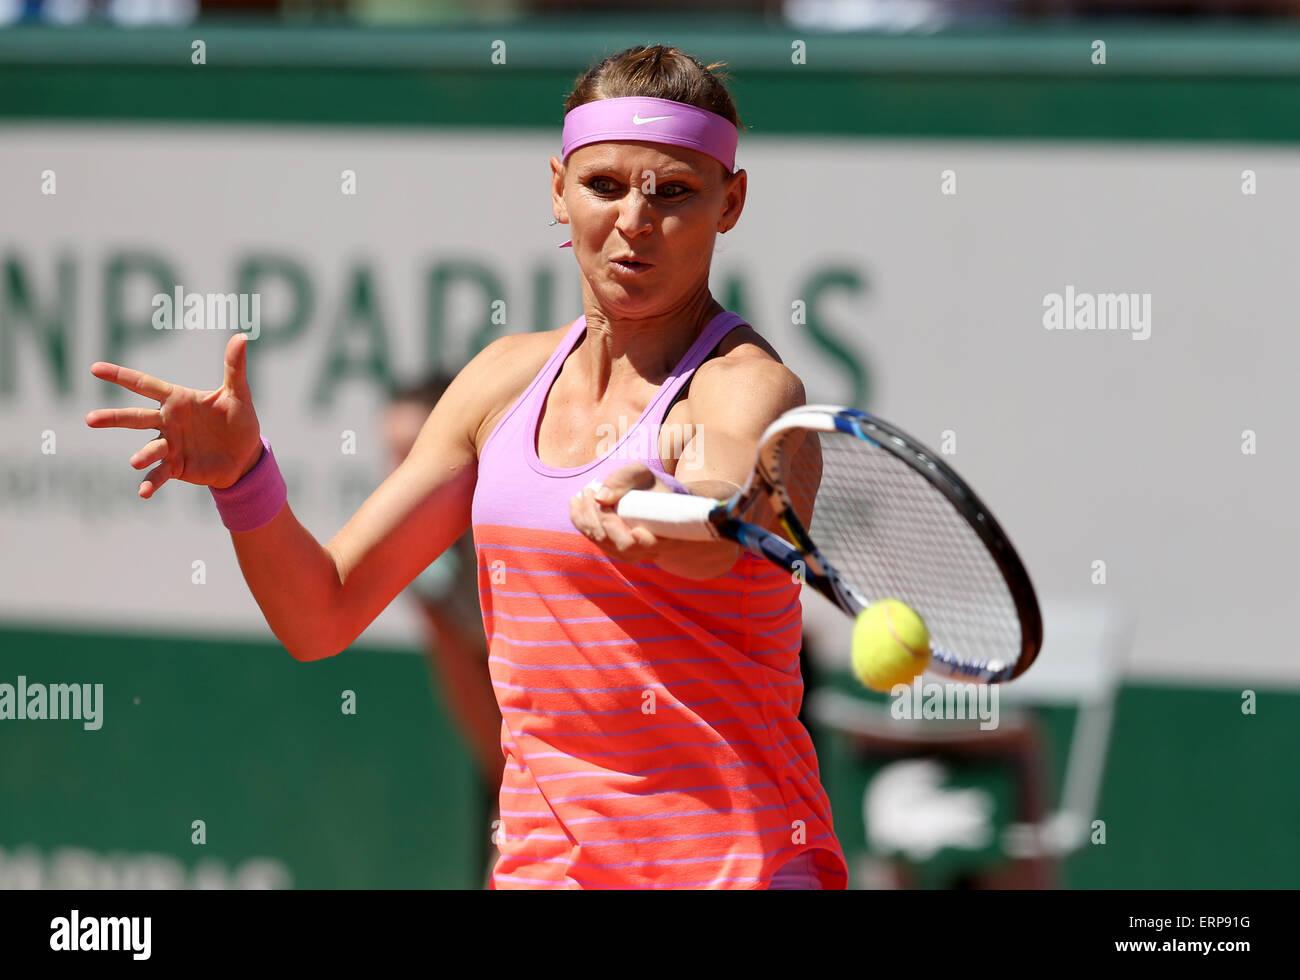 Parigi, Francia. Il 6 giugno, 2015. Lucie SAFAROVA della Repubblica ceca compete durante il singolare femminile Immagini Stock